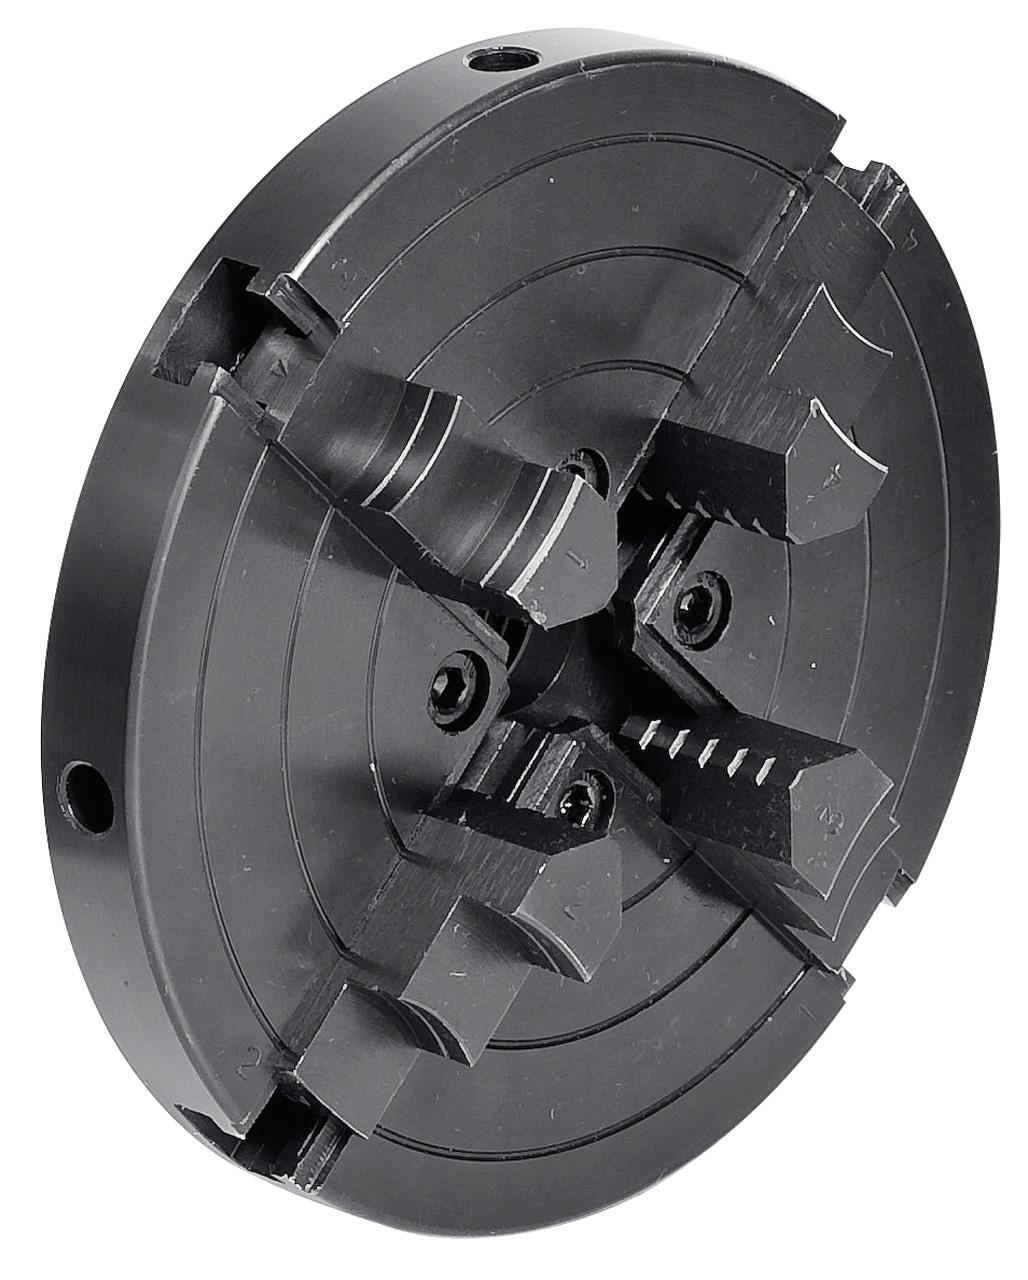 Uchwyt tokarski 4-szczękowy 150 mm / M 33 x 3,5 mm BERNARDO